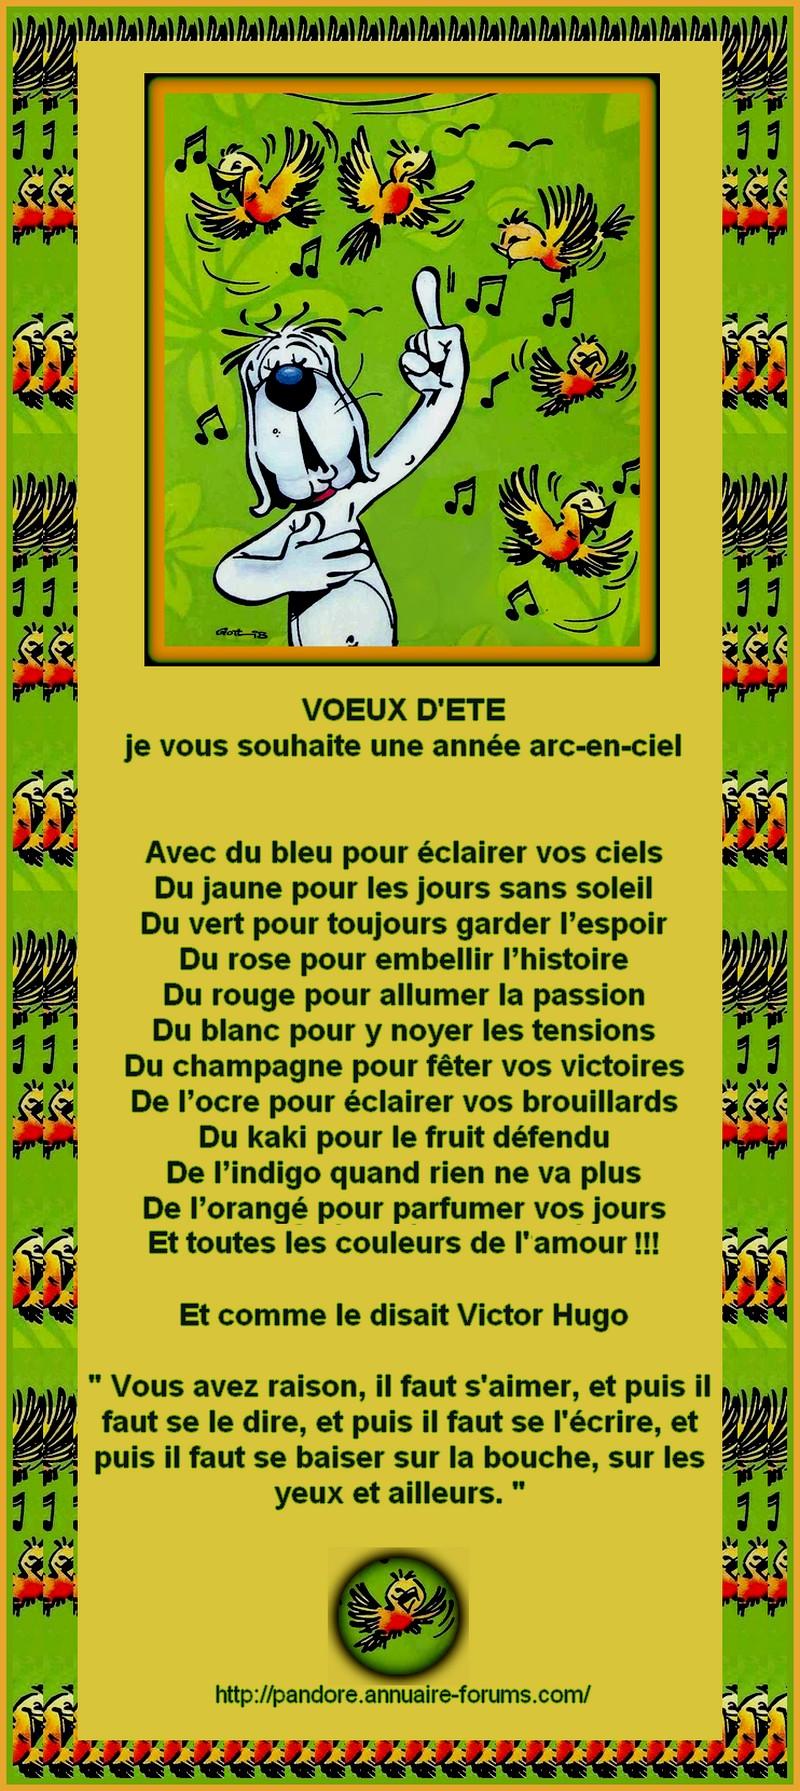 VOEUX D'ETE 4926440HOROSB